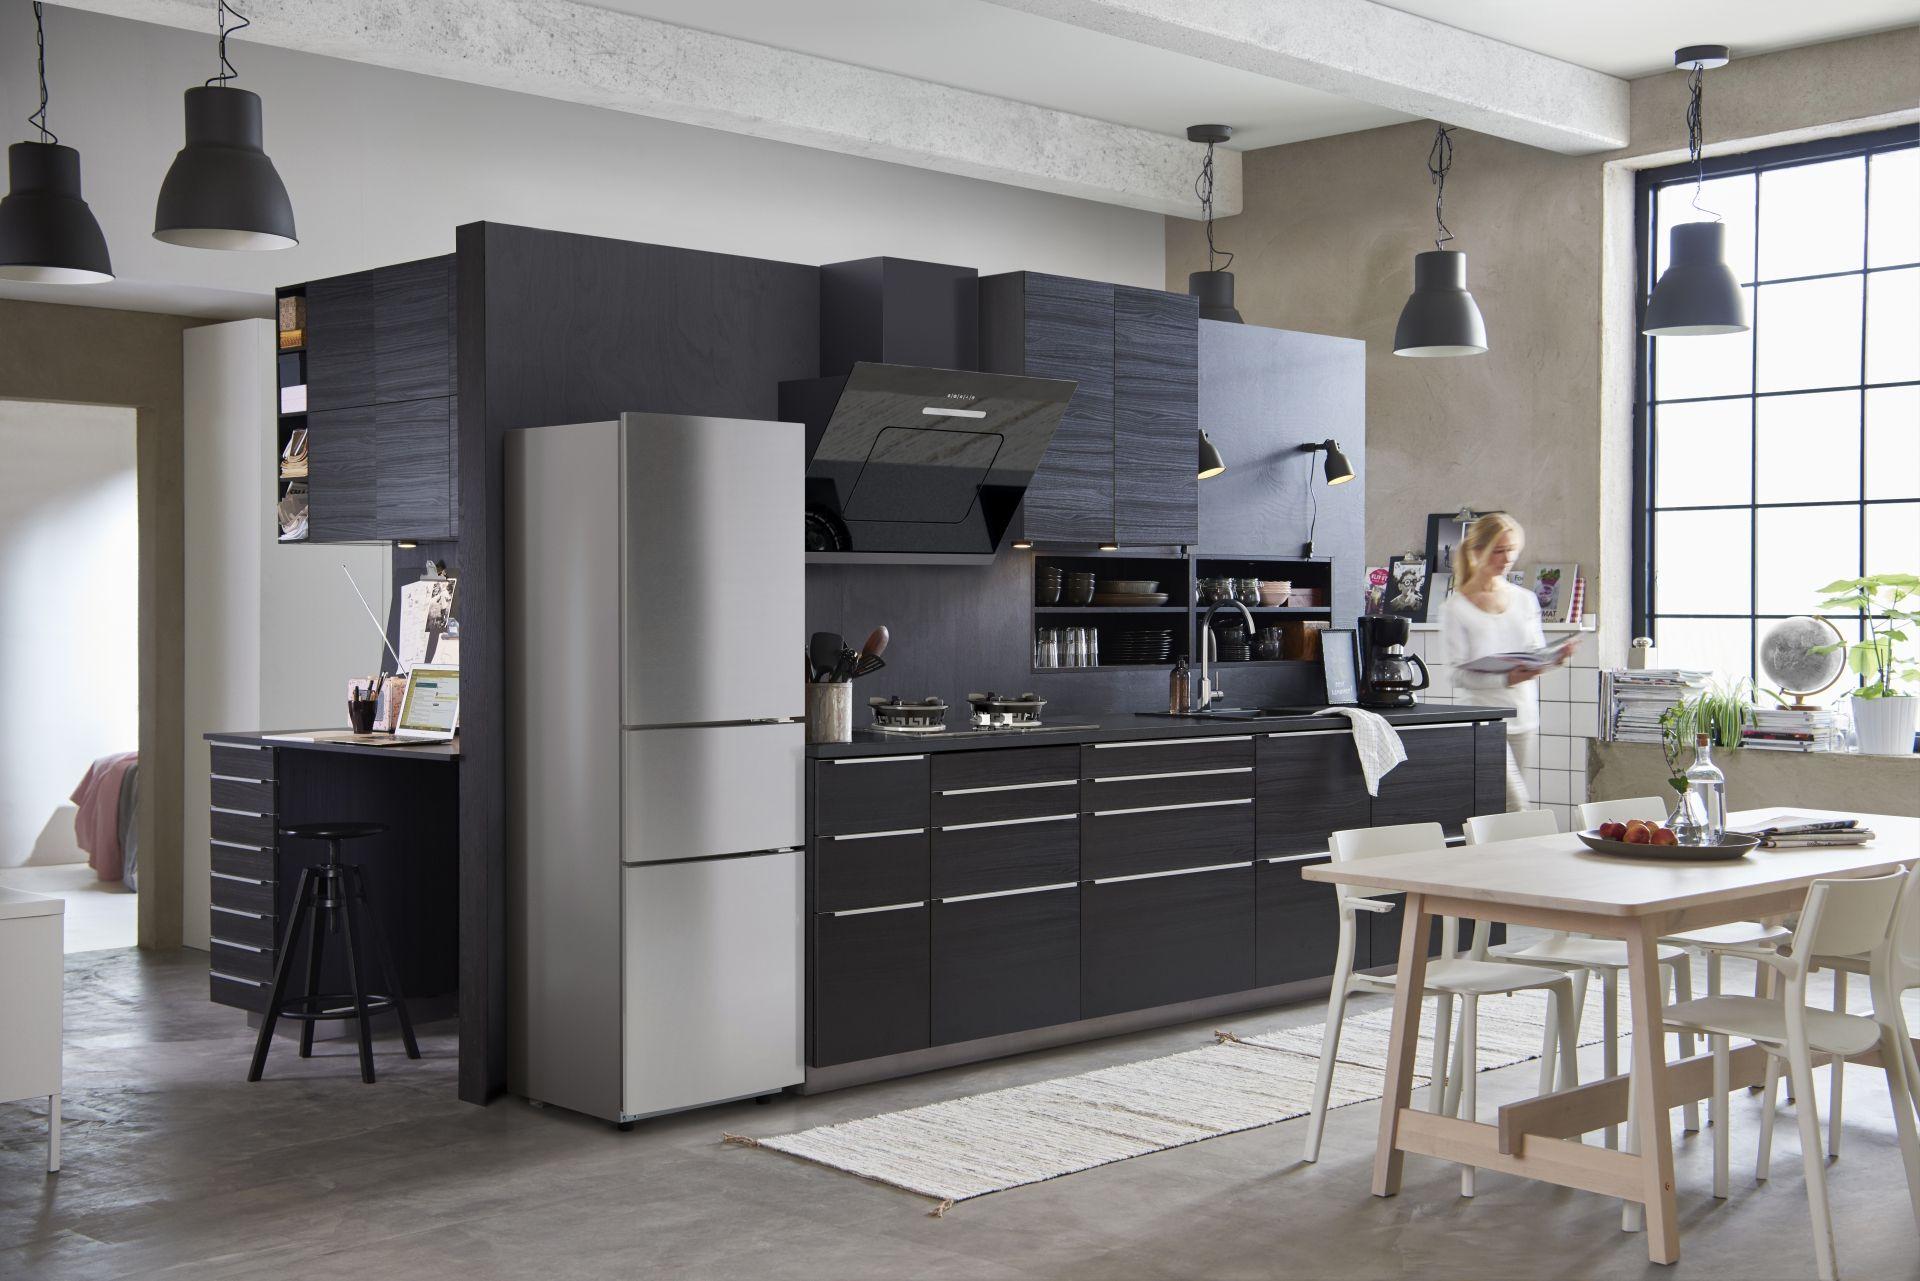 Metod Tingsryd Keuken Ikeacatalogus Nieuw 2017 Ikea Ikeanl